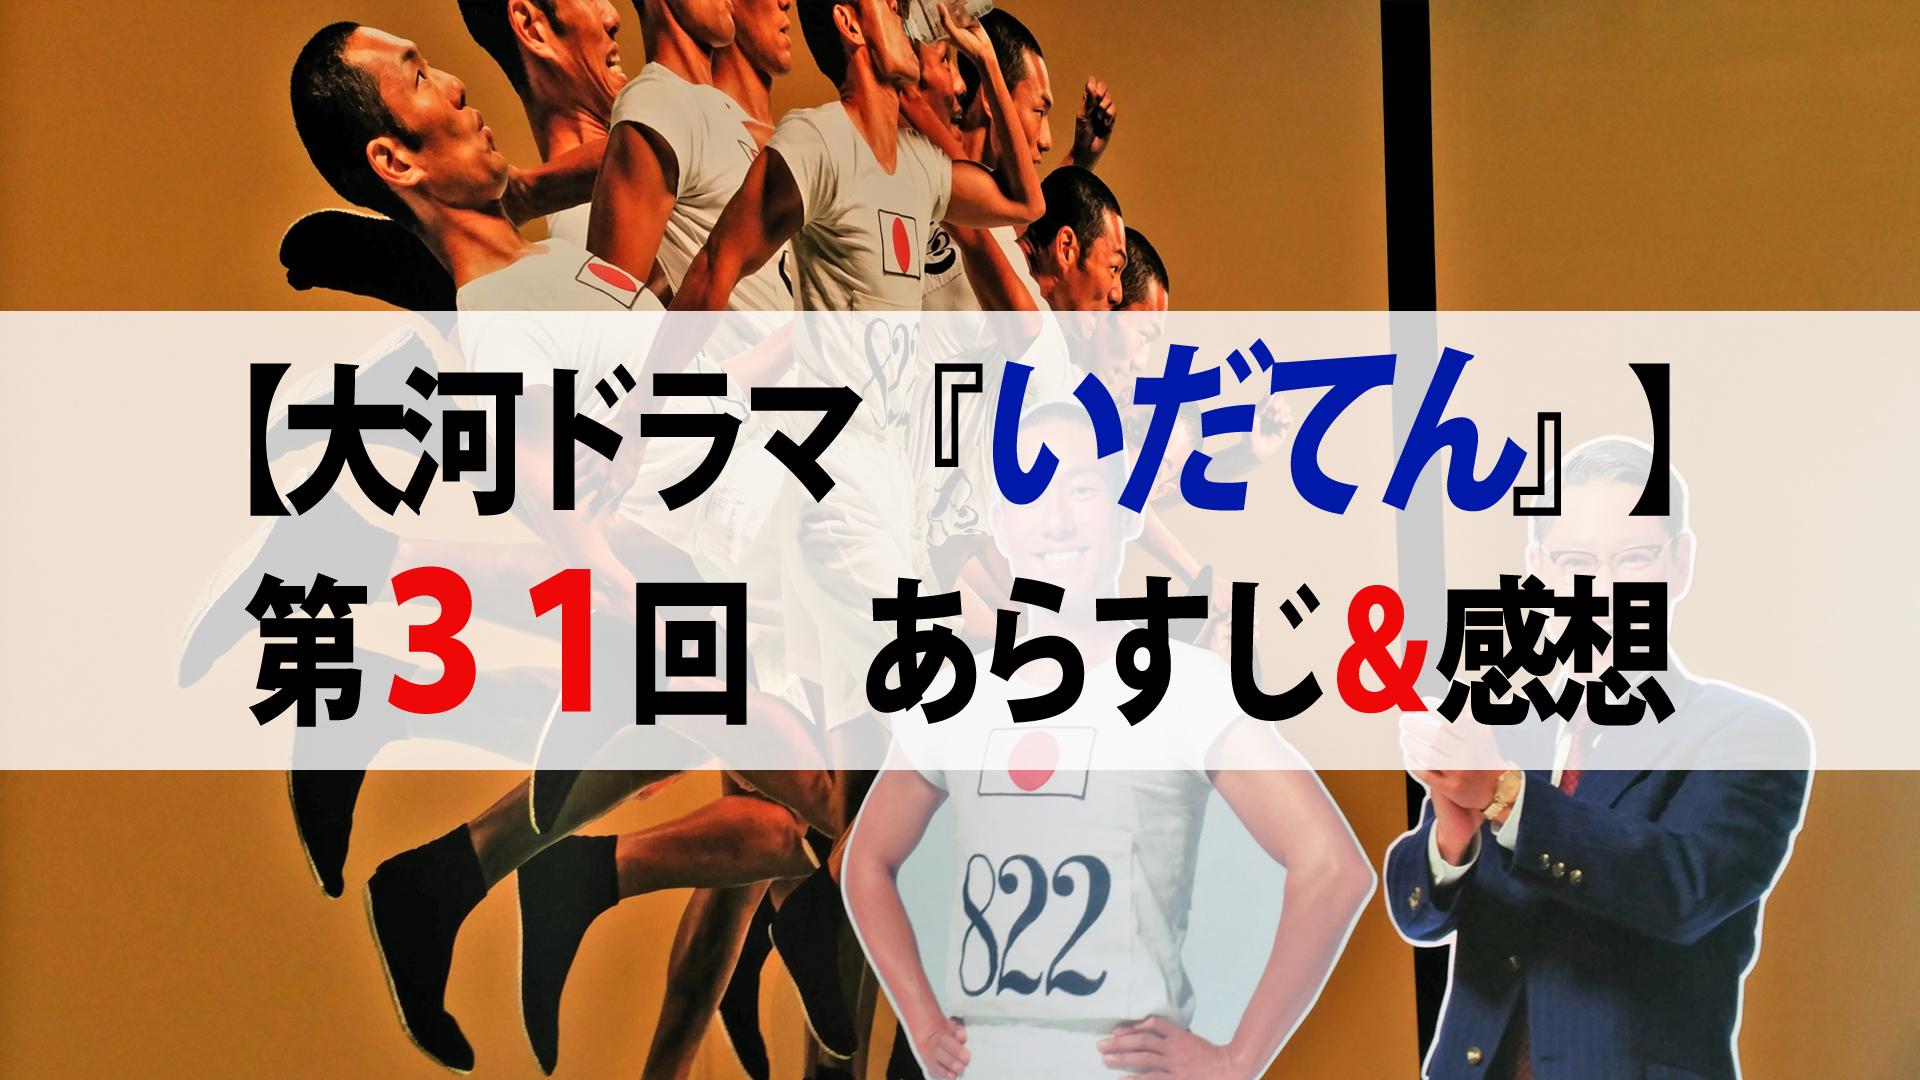 【大河ドラマ『いだてん』】第31回『トップ・オブ・ザ・ワールド』あらすじ&感想